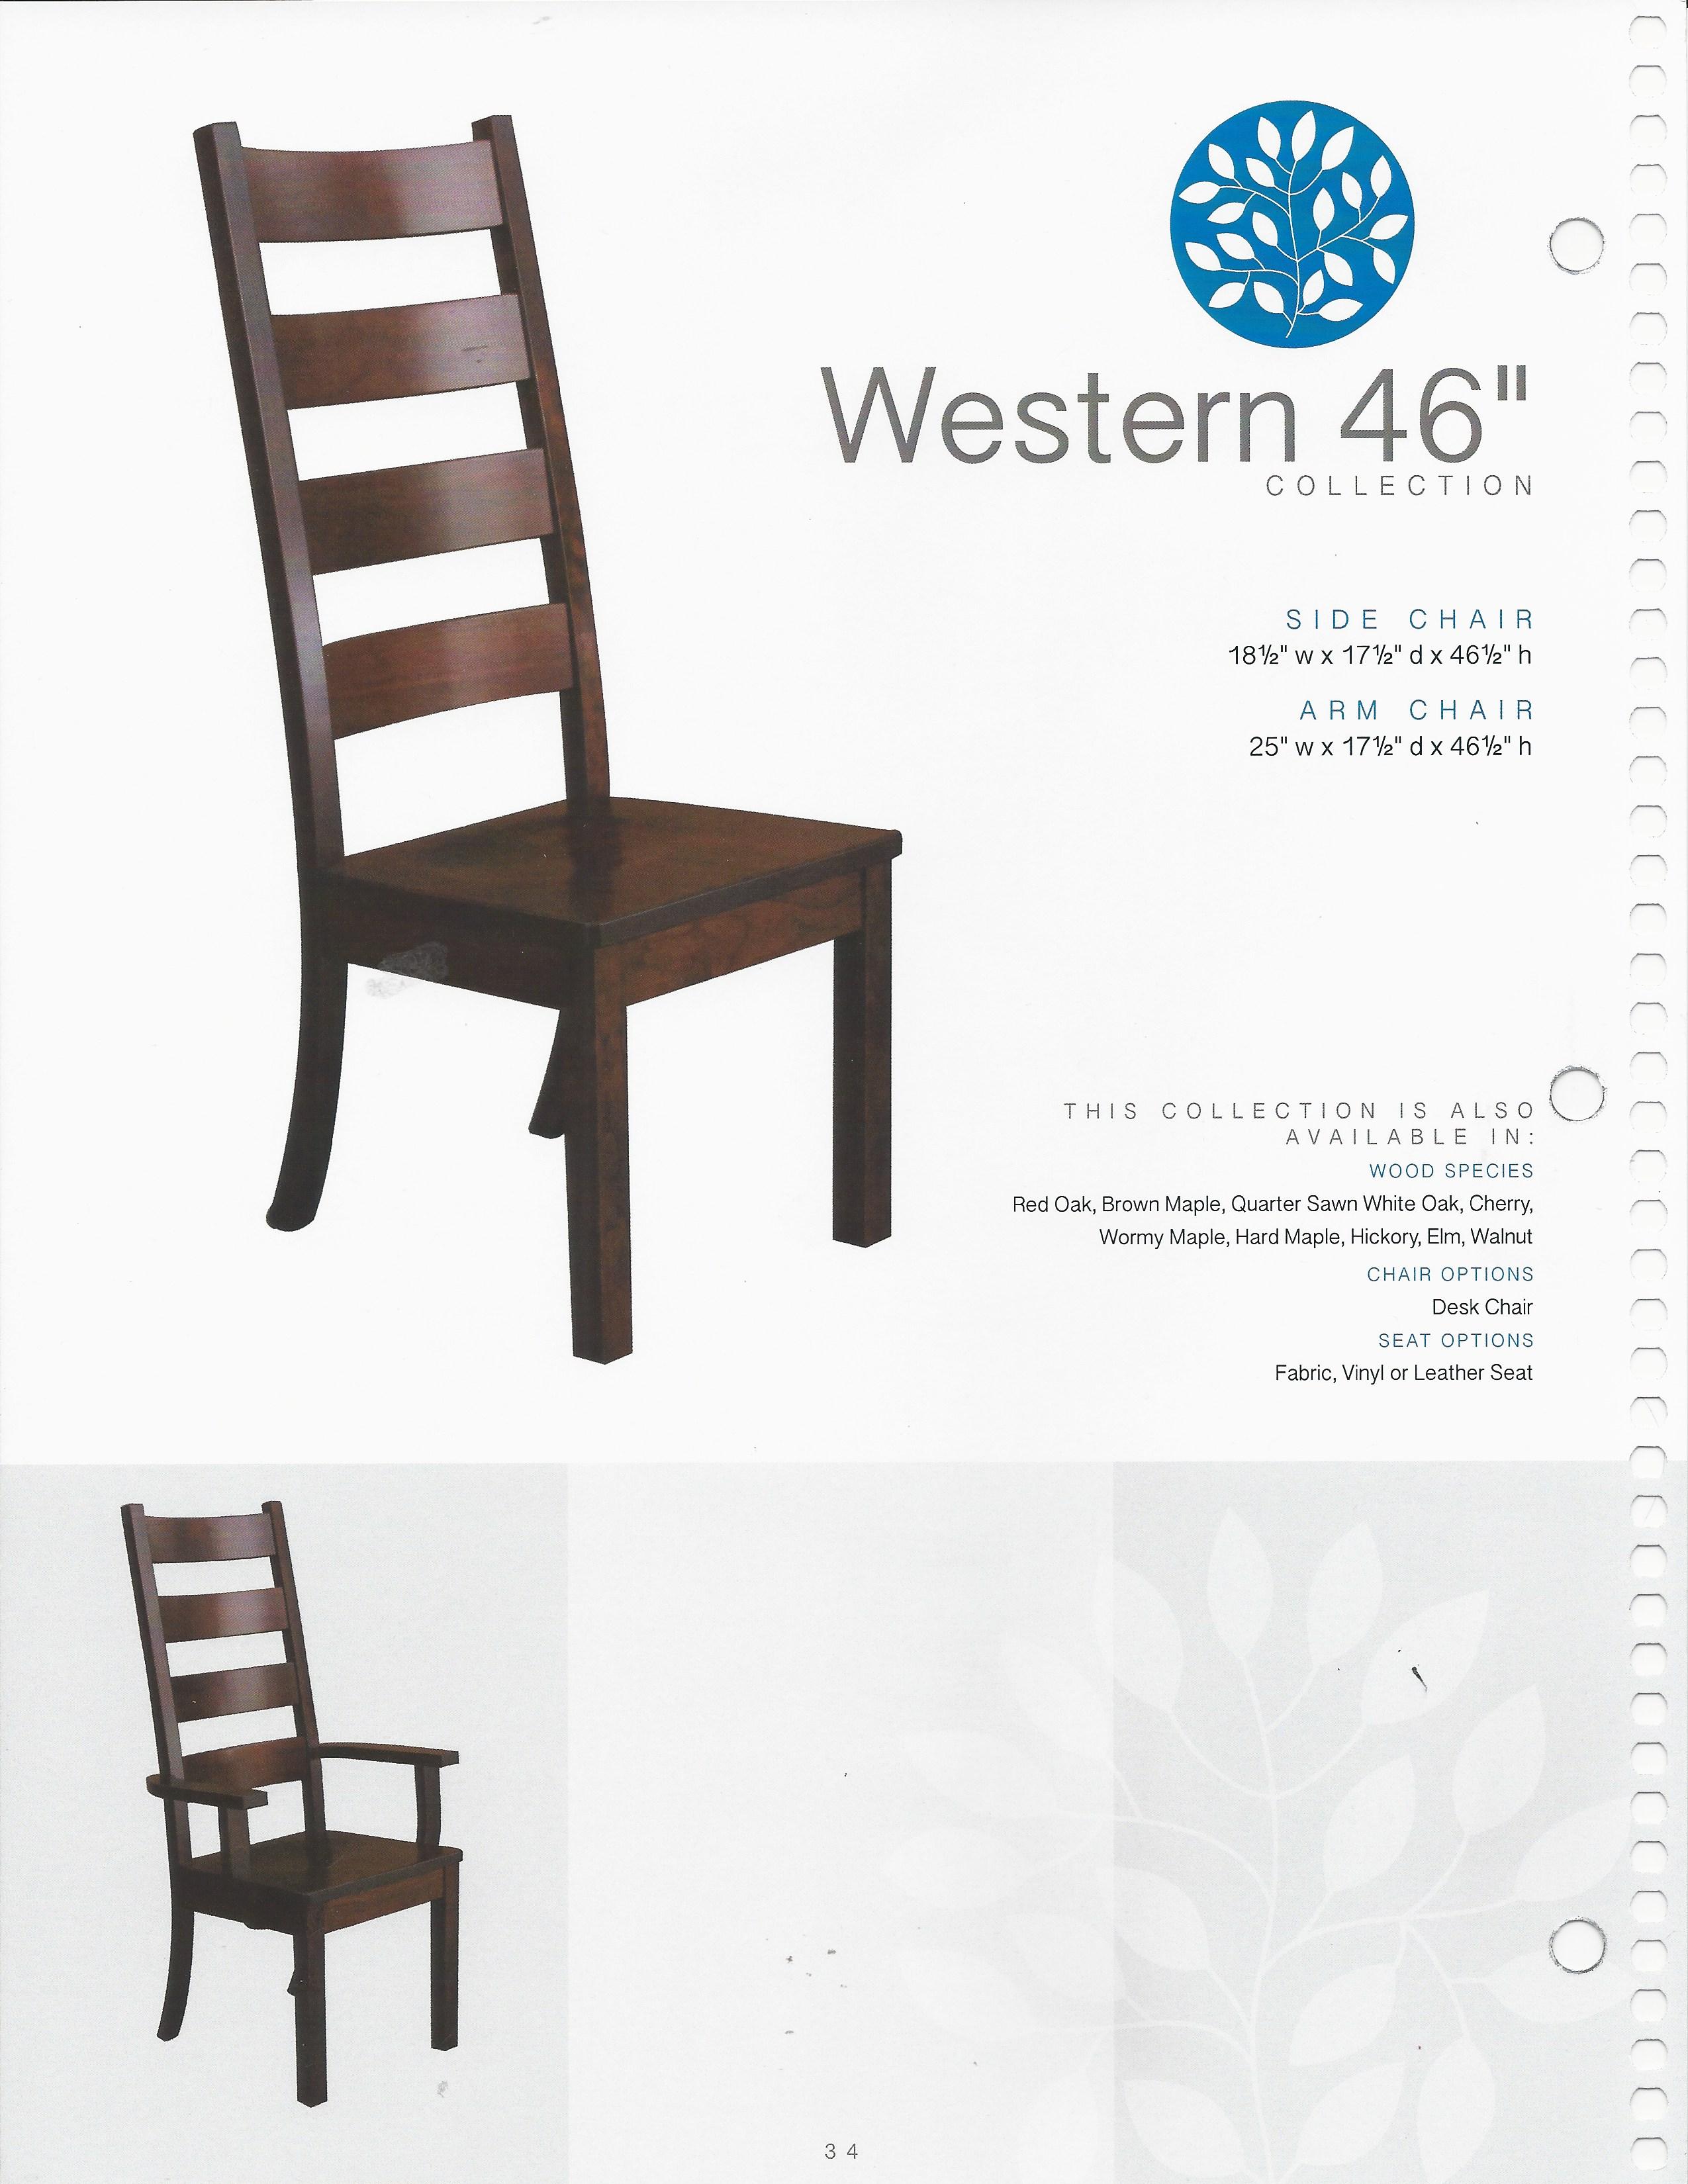 Western 46